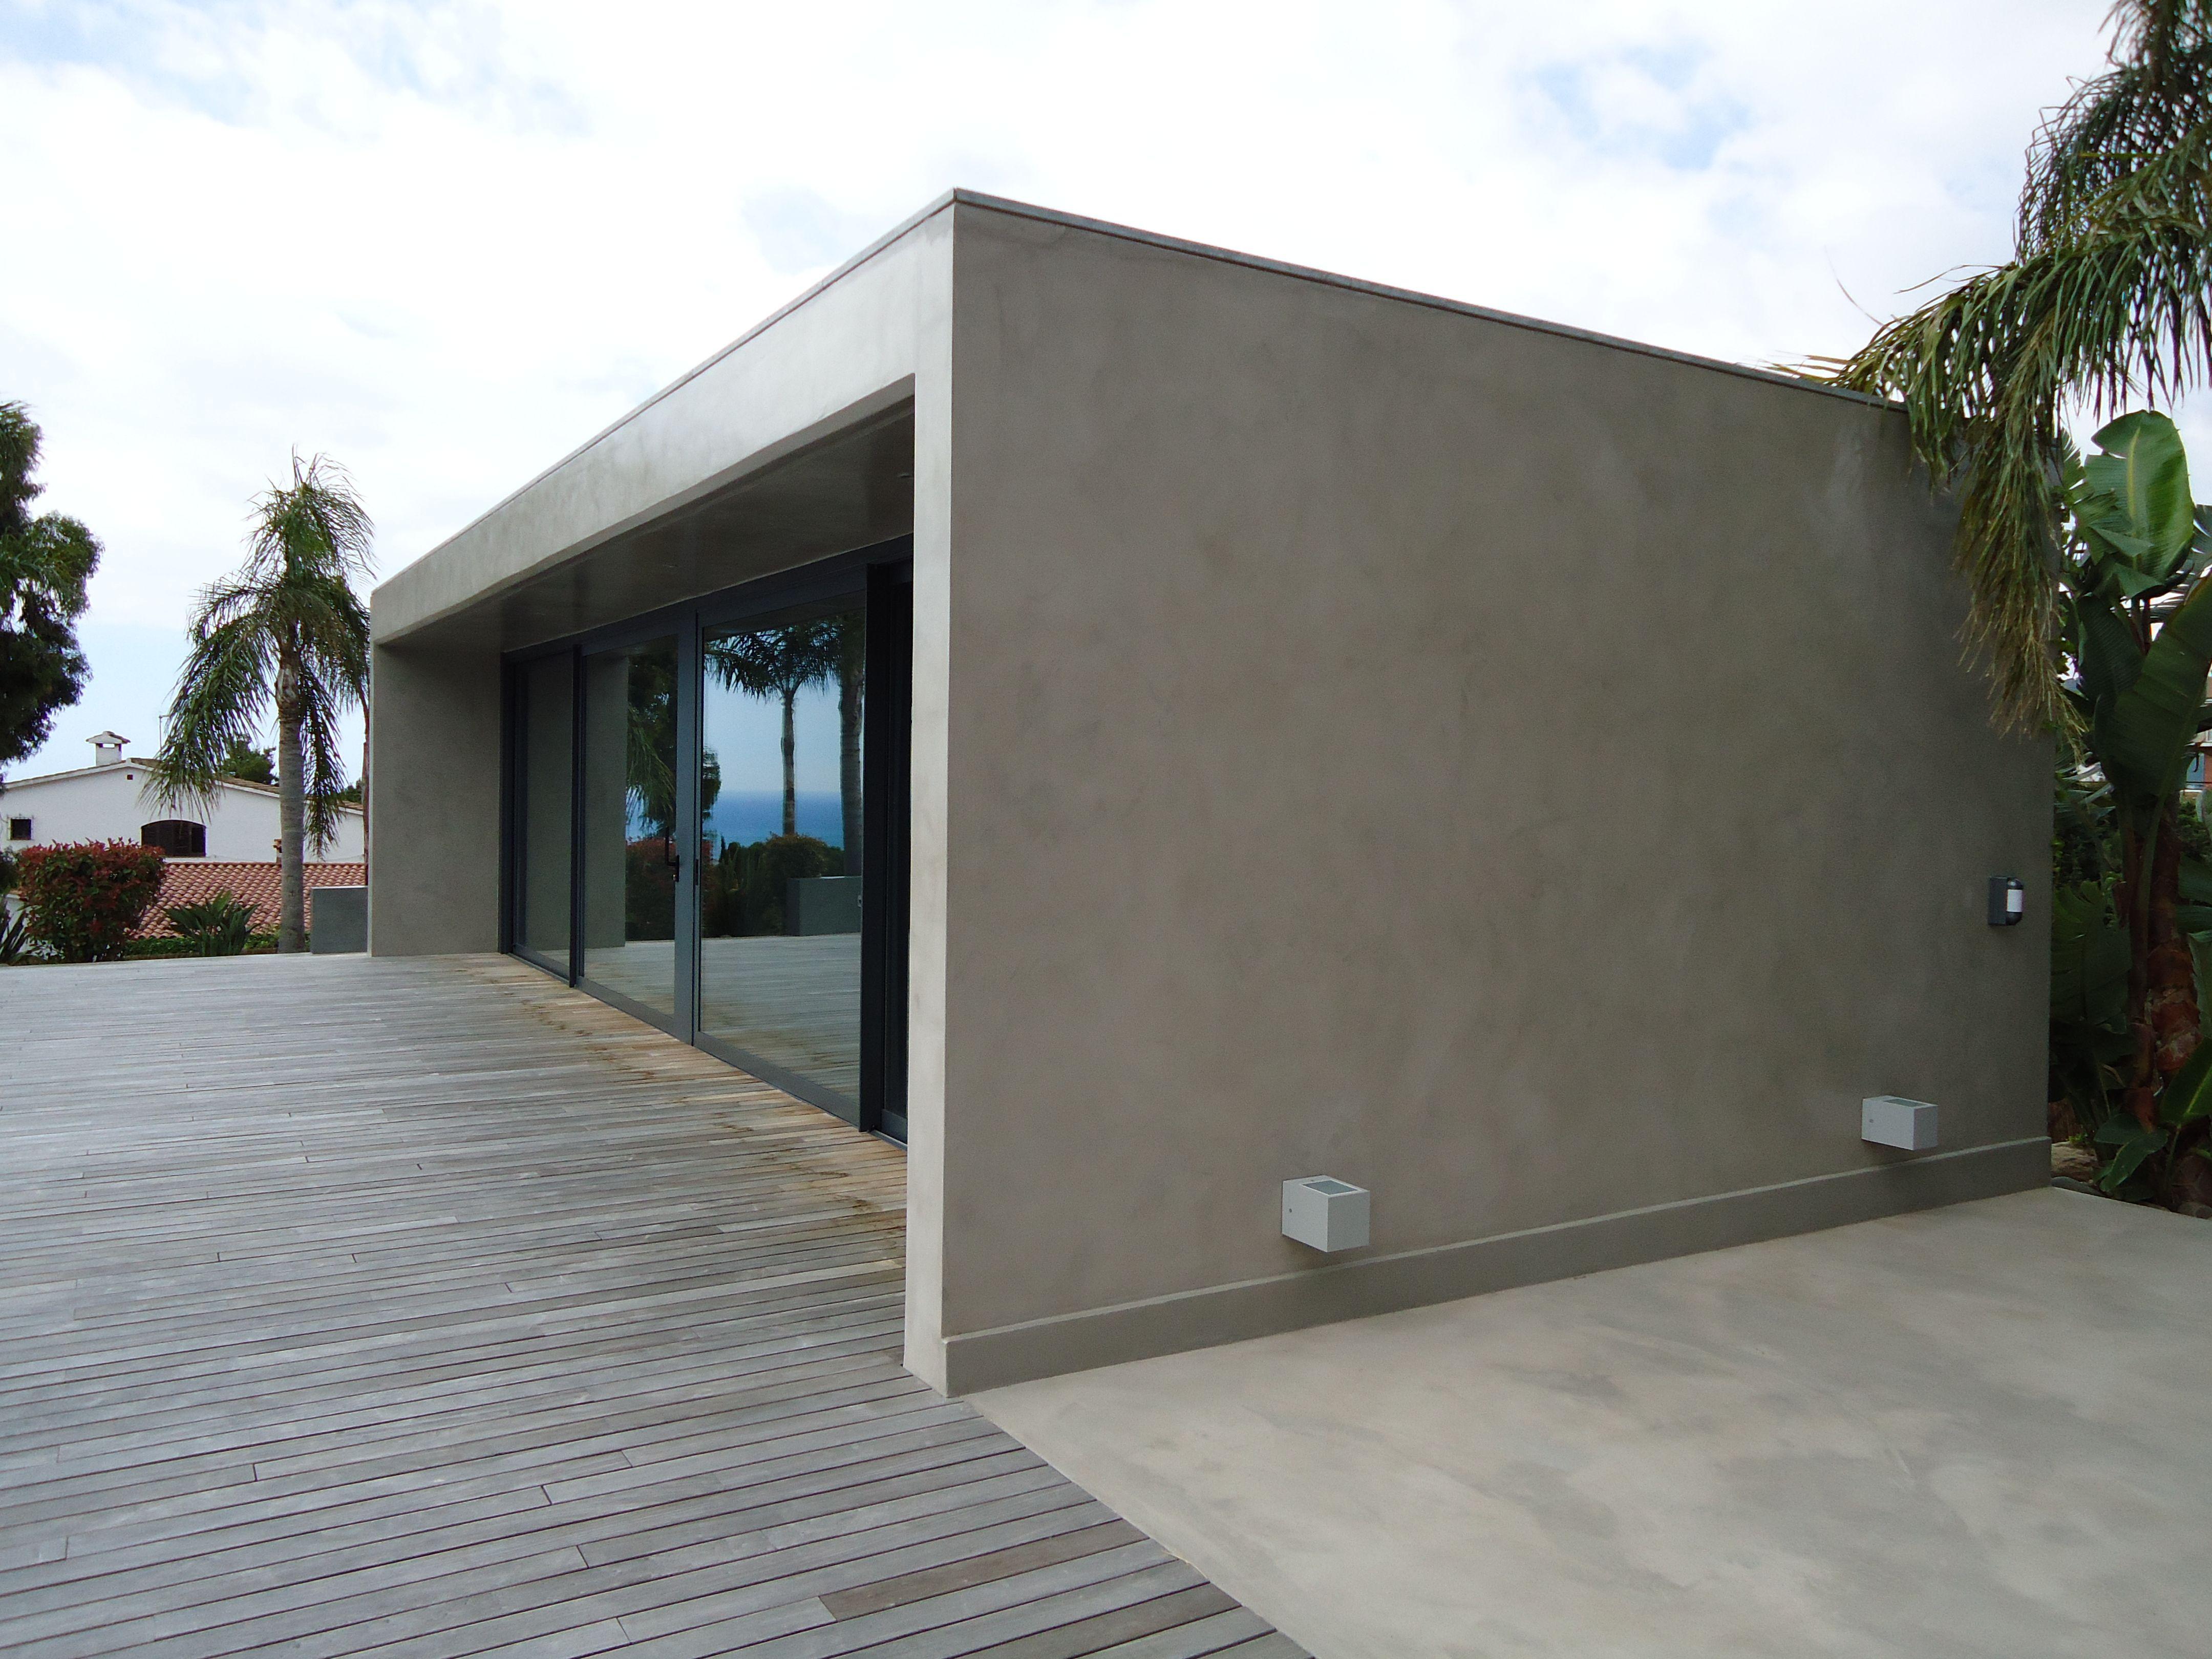 Fachada de microcemento gris acero fachada microcemento en 2019 house house styles y stair - Microcemento que es ...